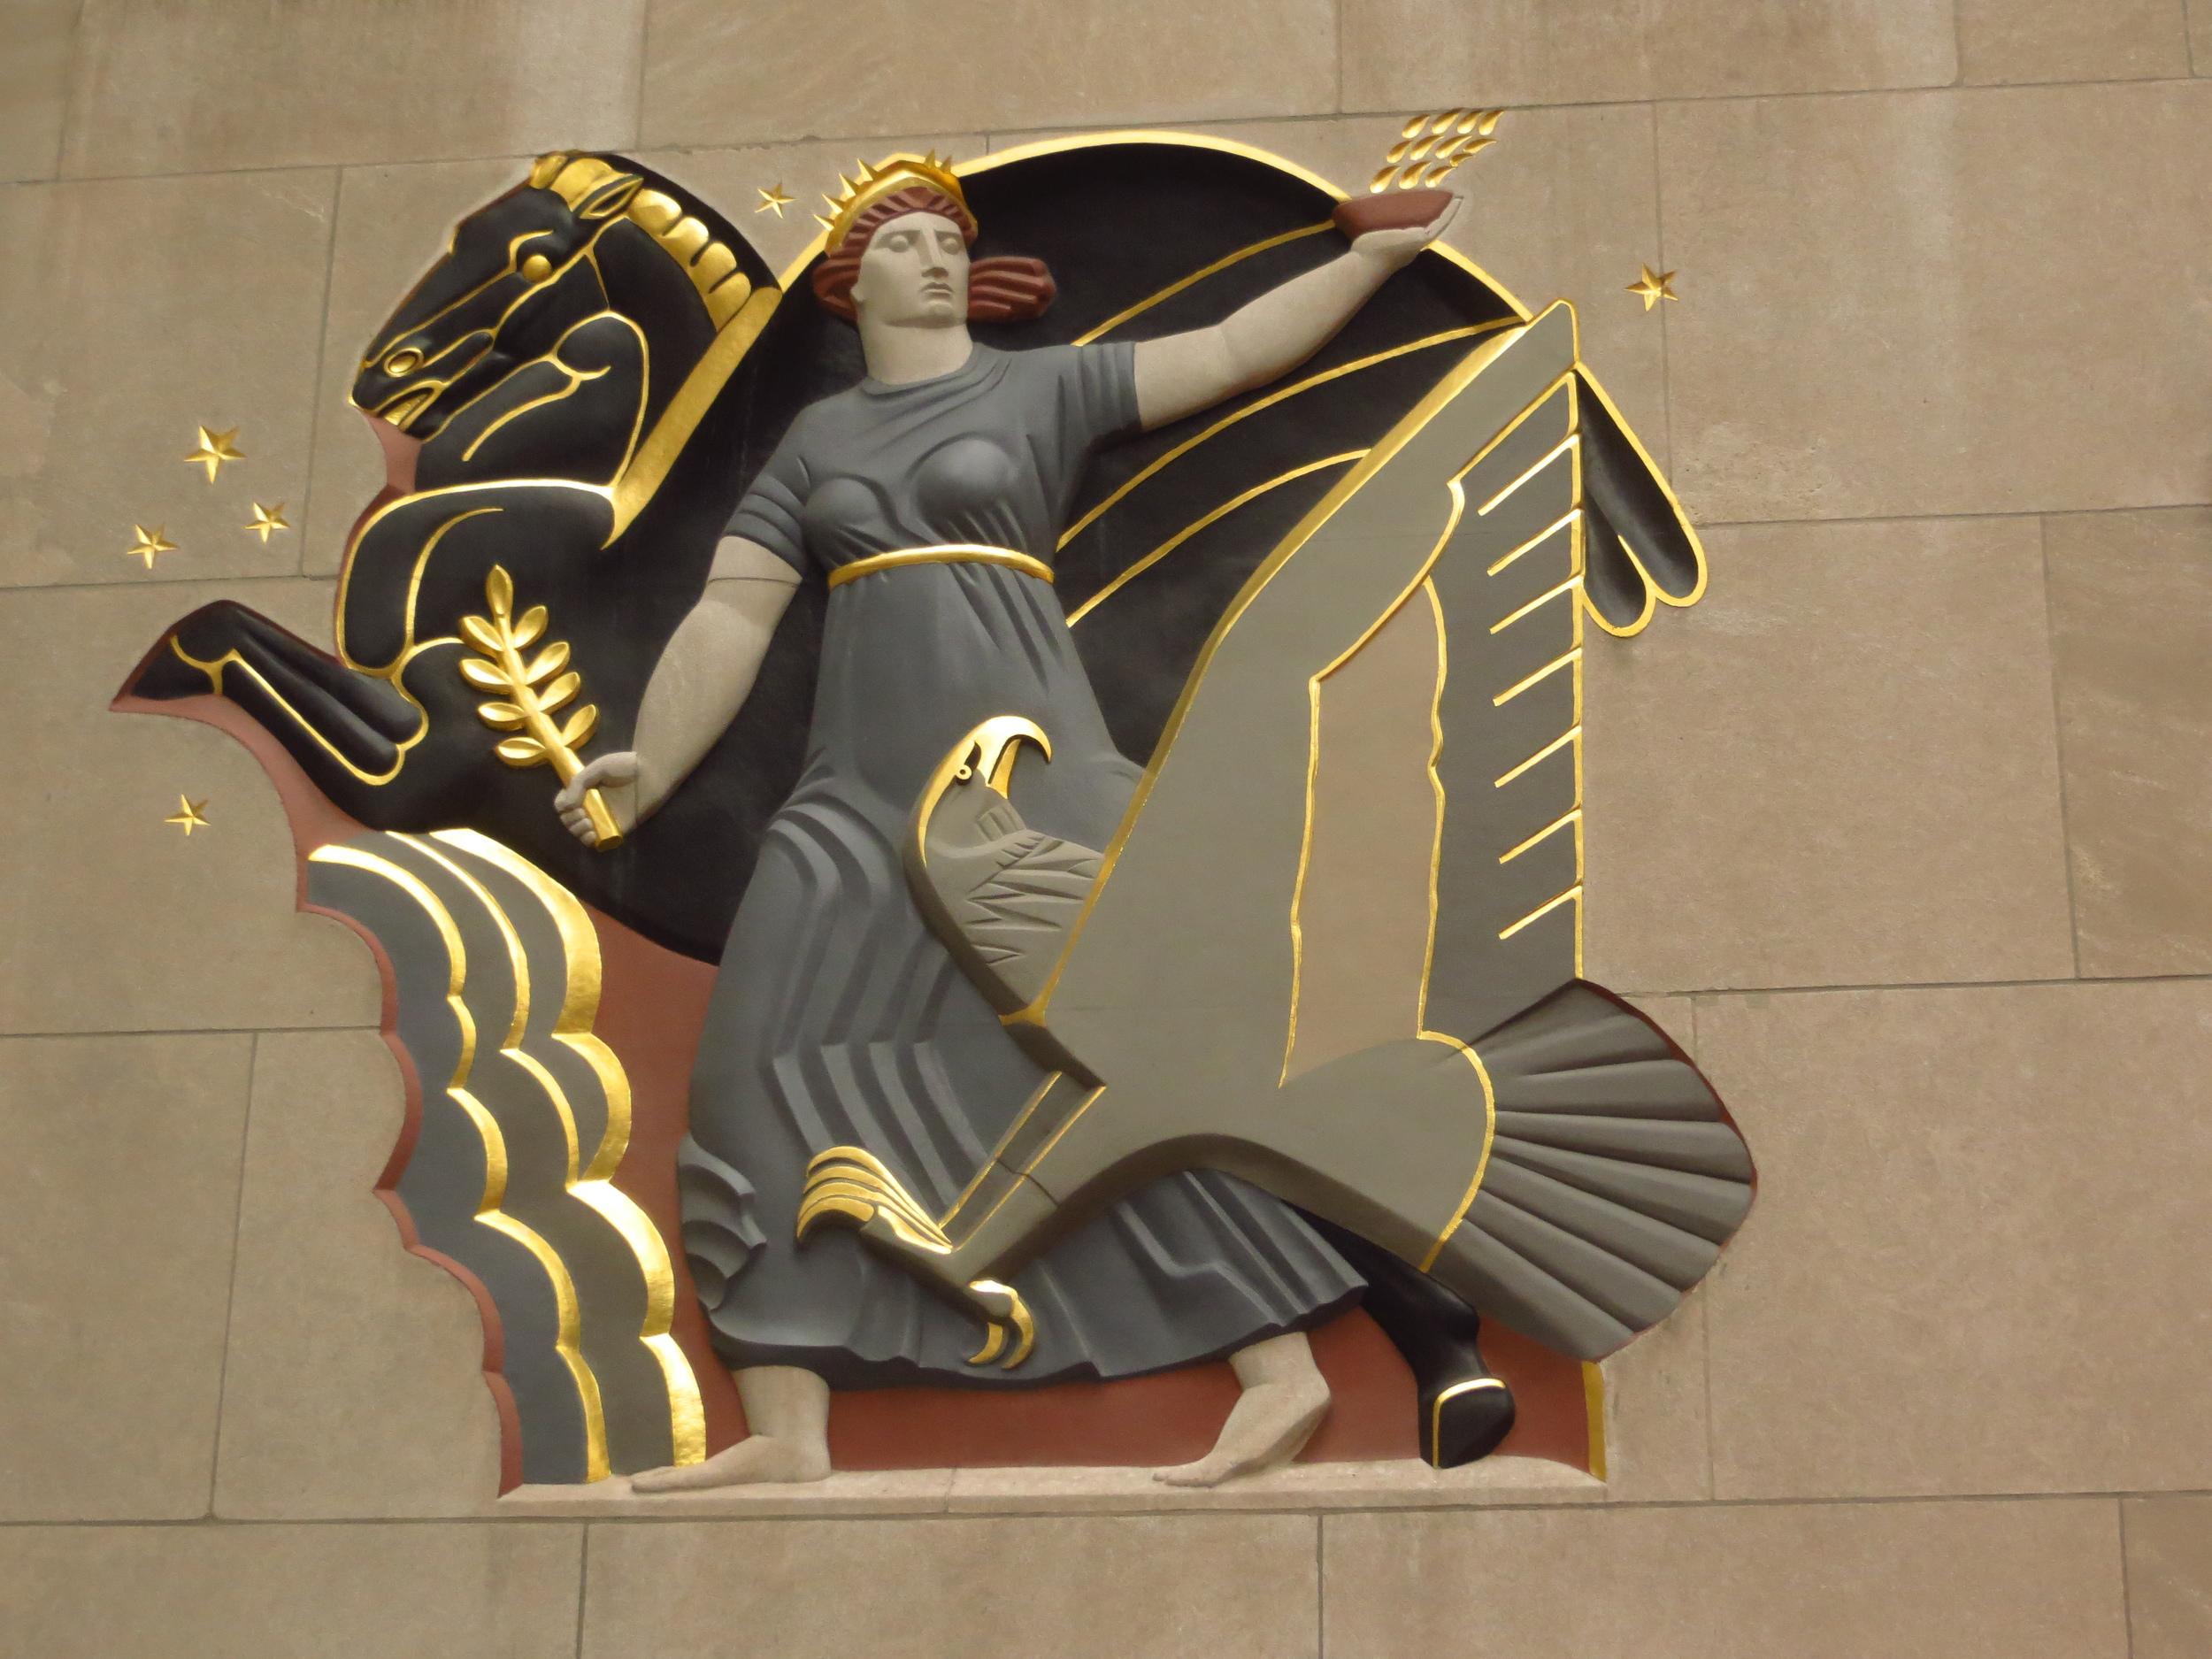 Rockefeller Center bas relief